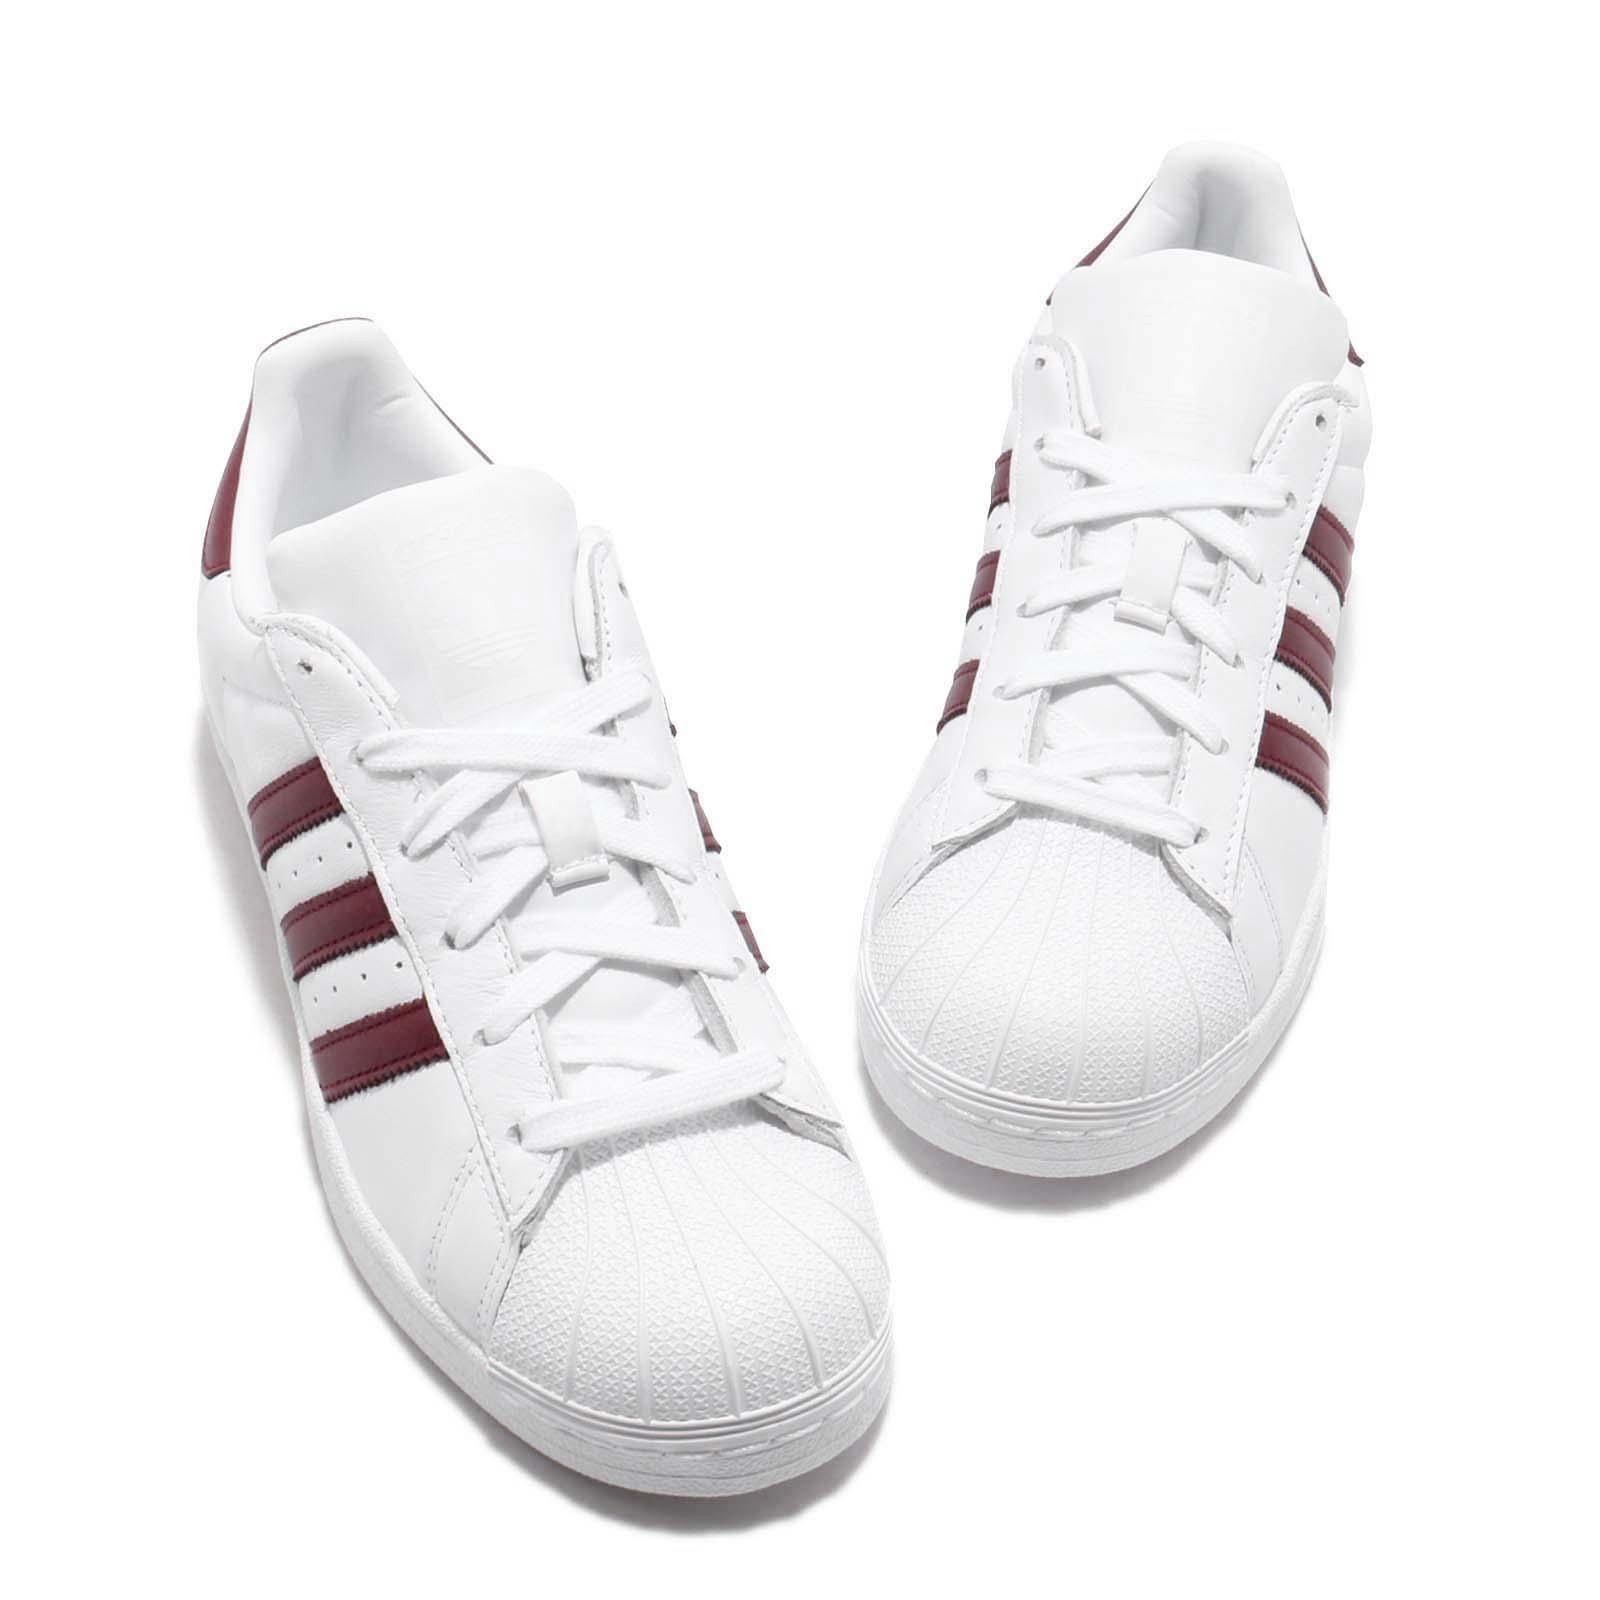 adidas Originals Superstar W SST White